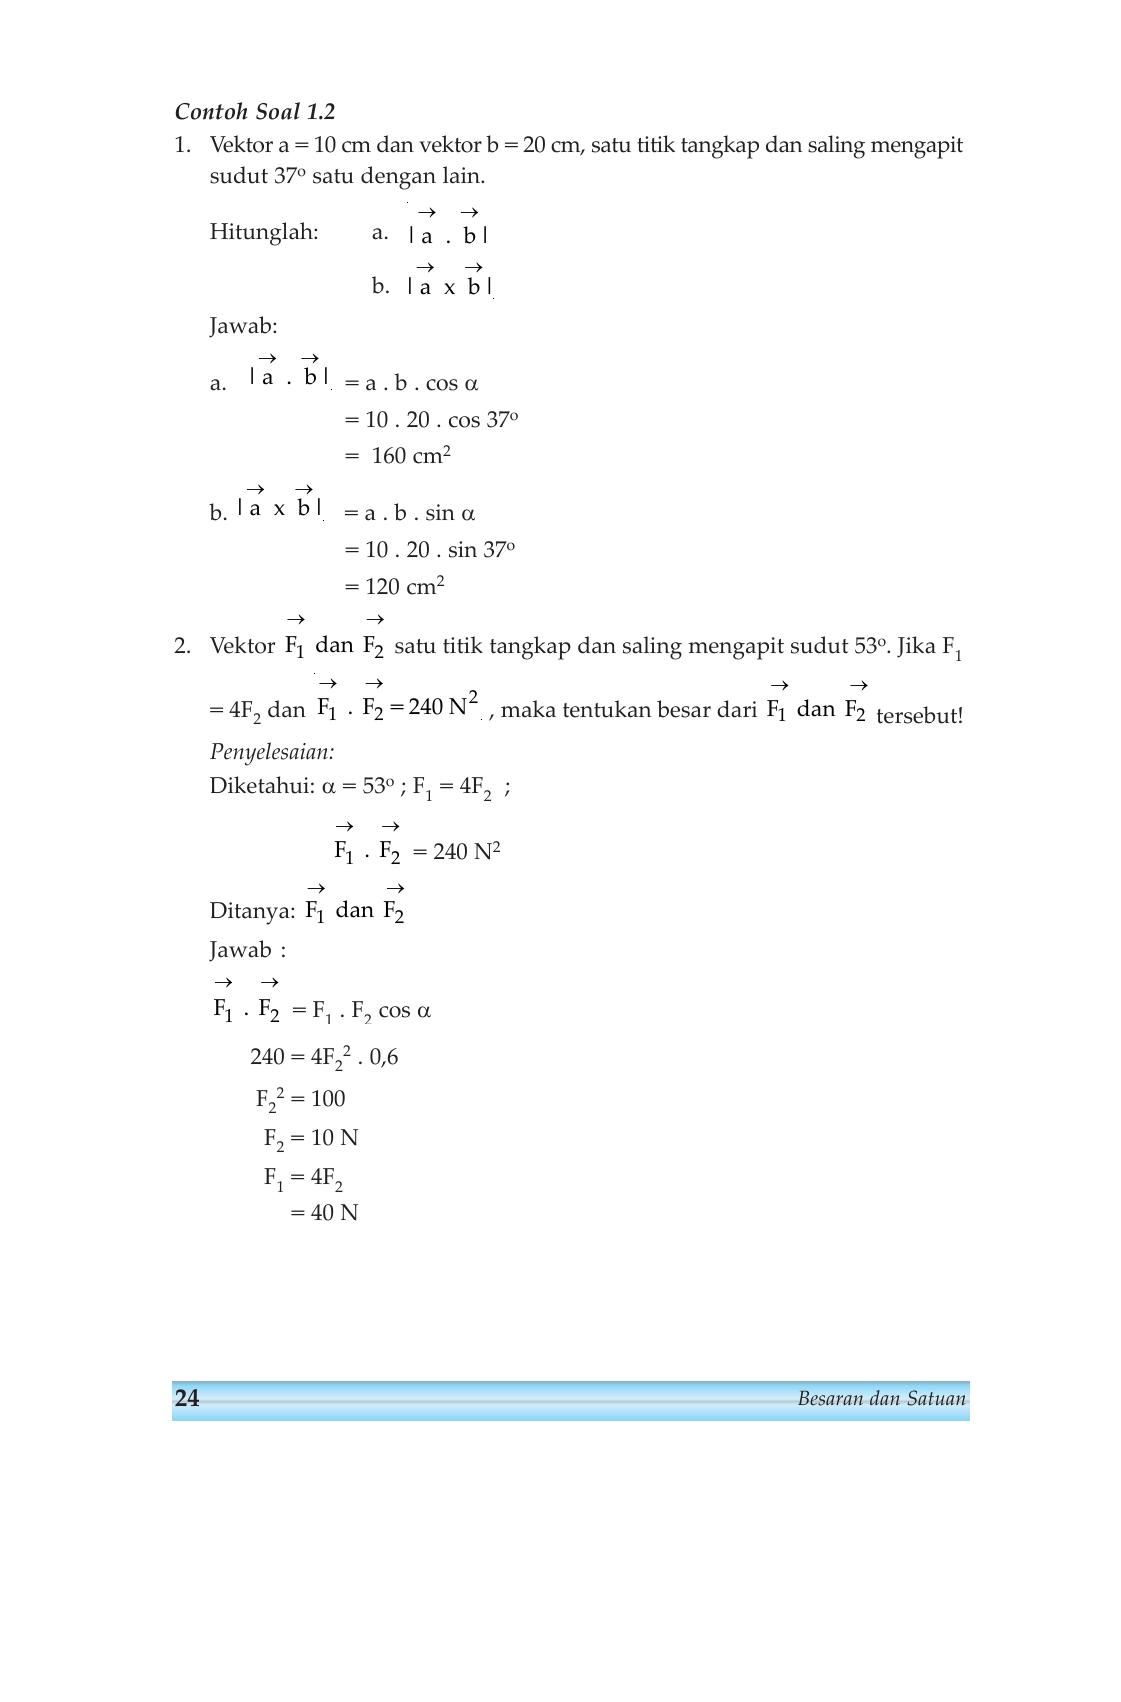 Menentukan sudut di antara dua vektor. Contoh Soal Sudut Antara Dua Vektor - Contoh Soal Terbaru